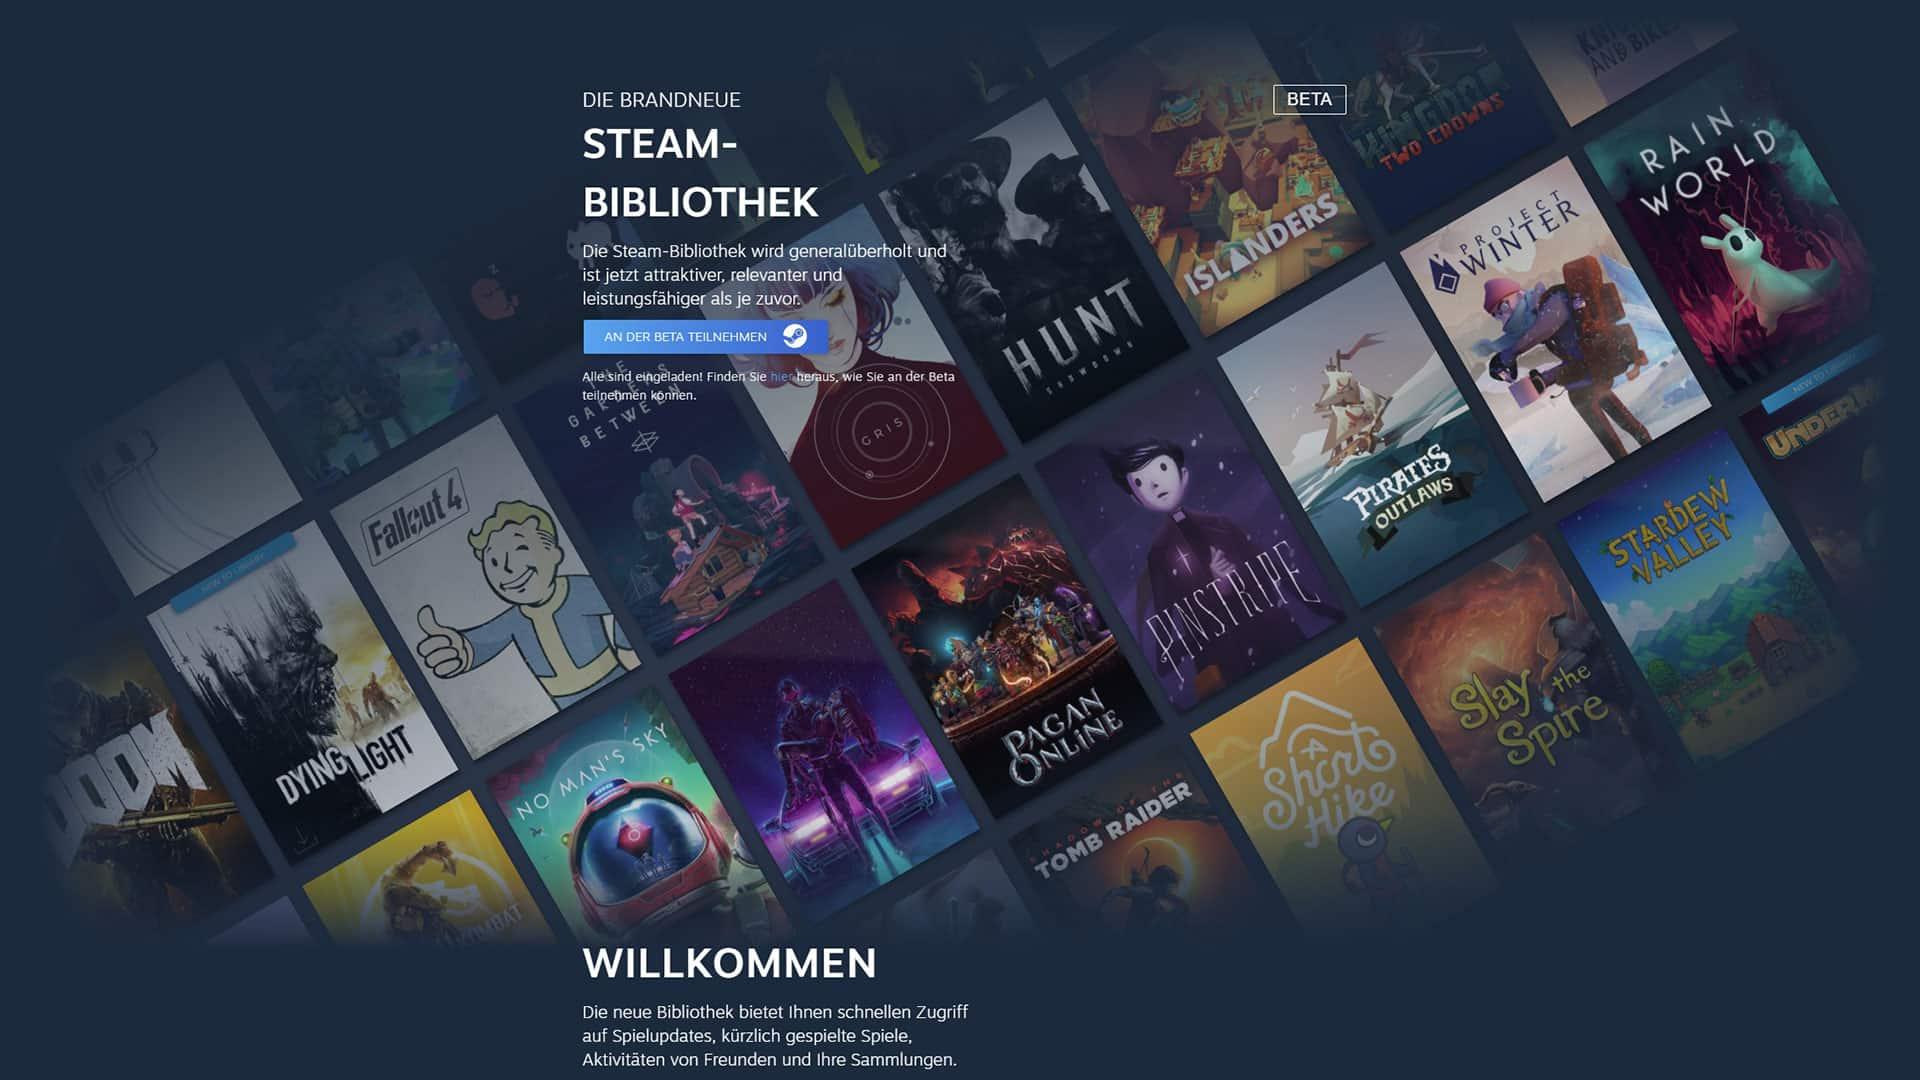 Neue Steam Bibliothek babt